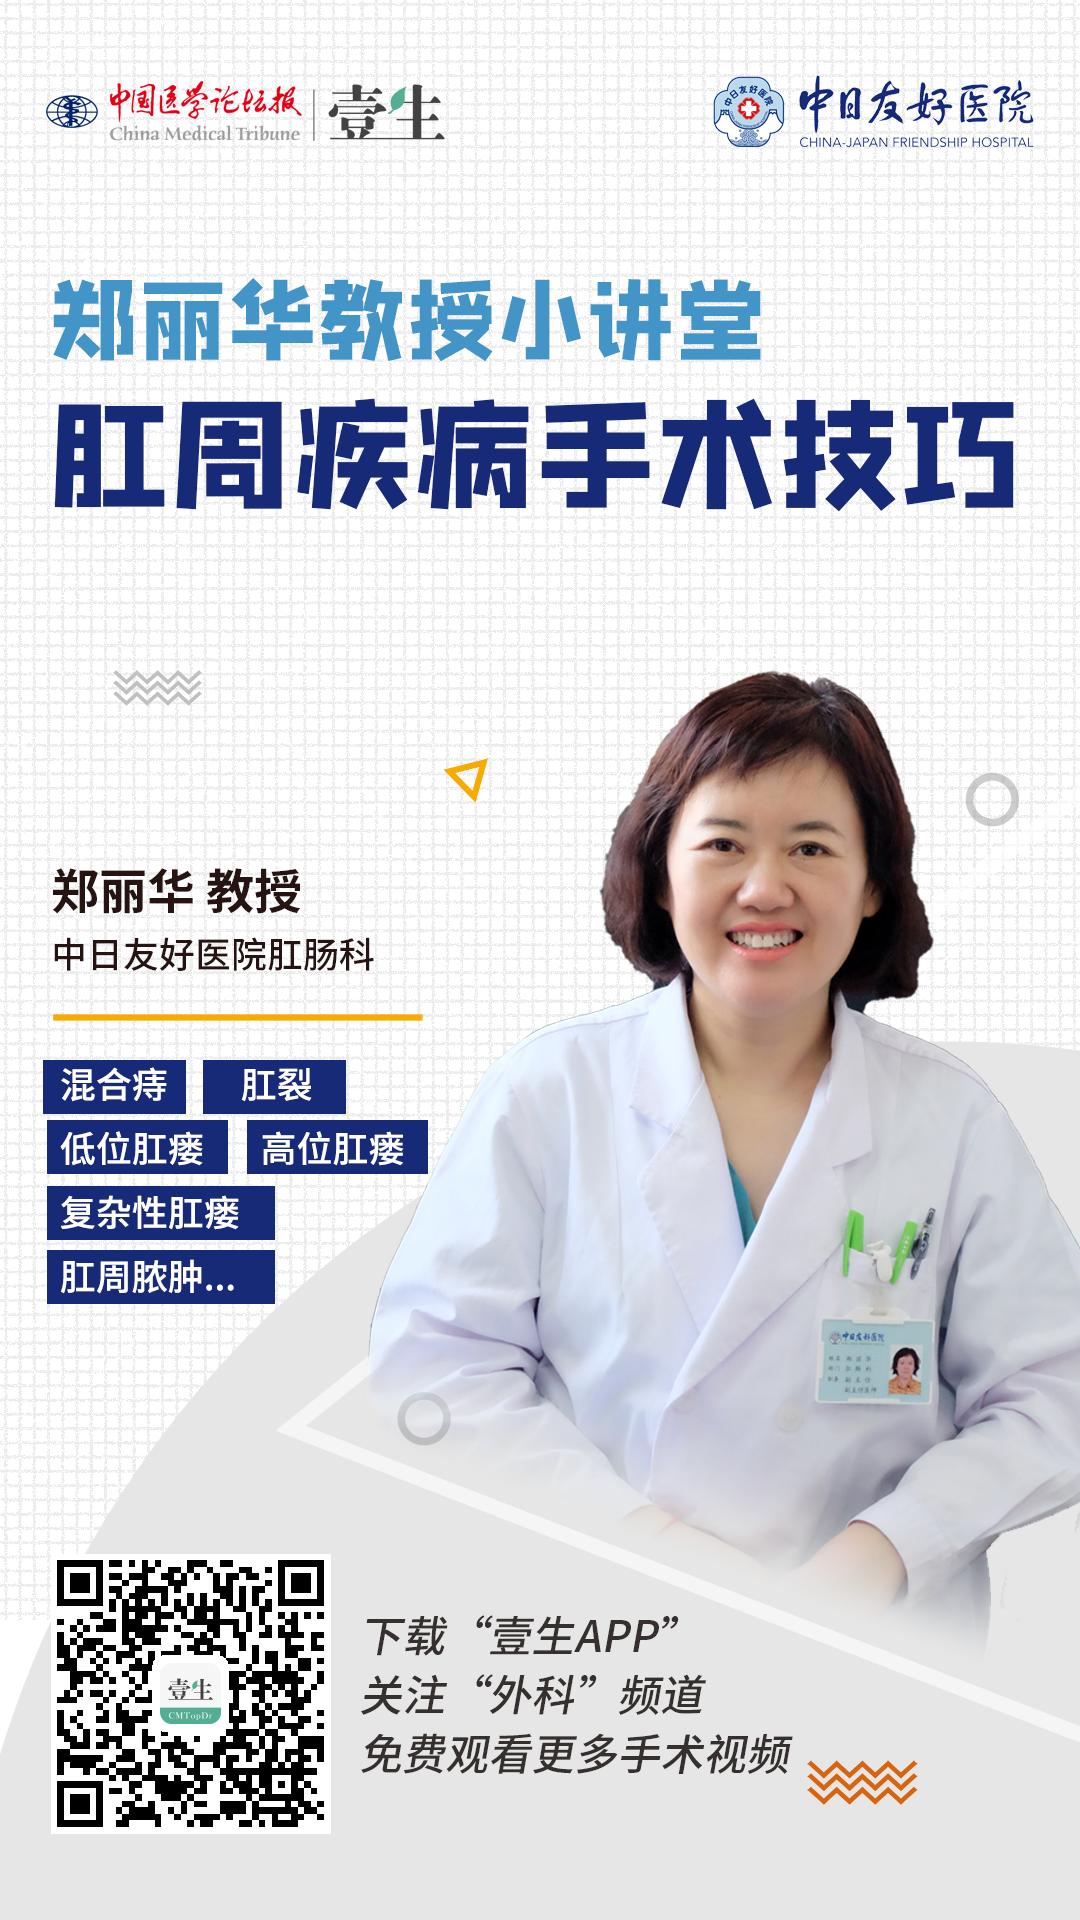 郑丽华 肛周疾病手术技巧   系列海报.png